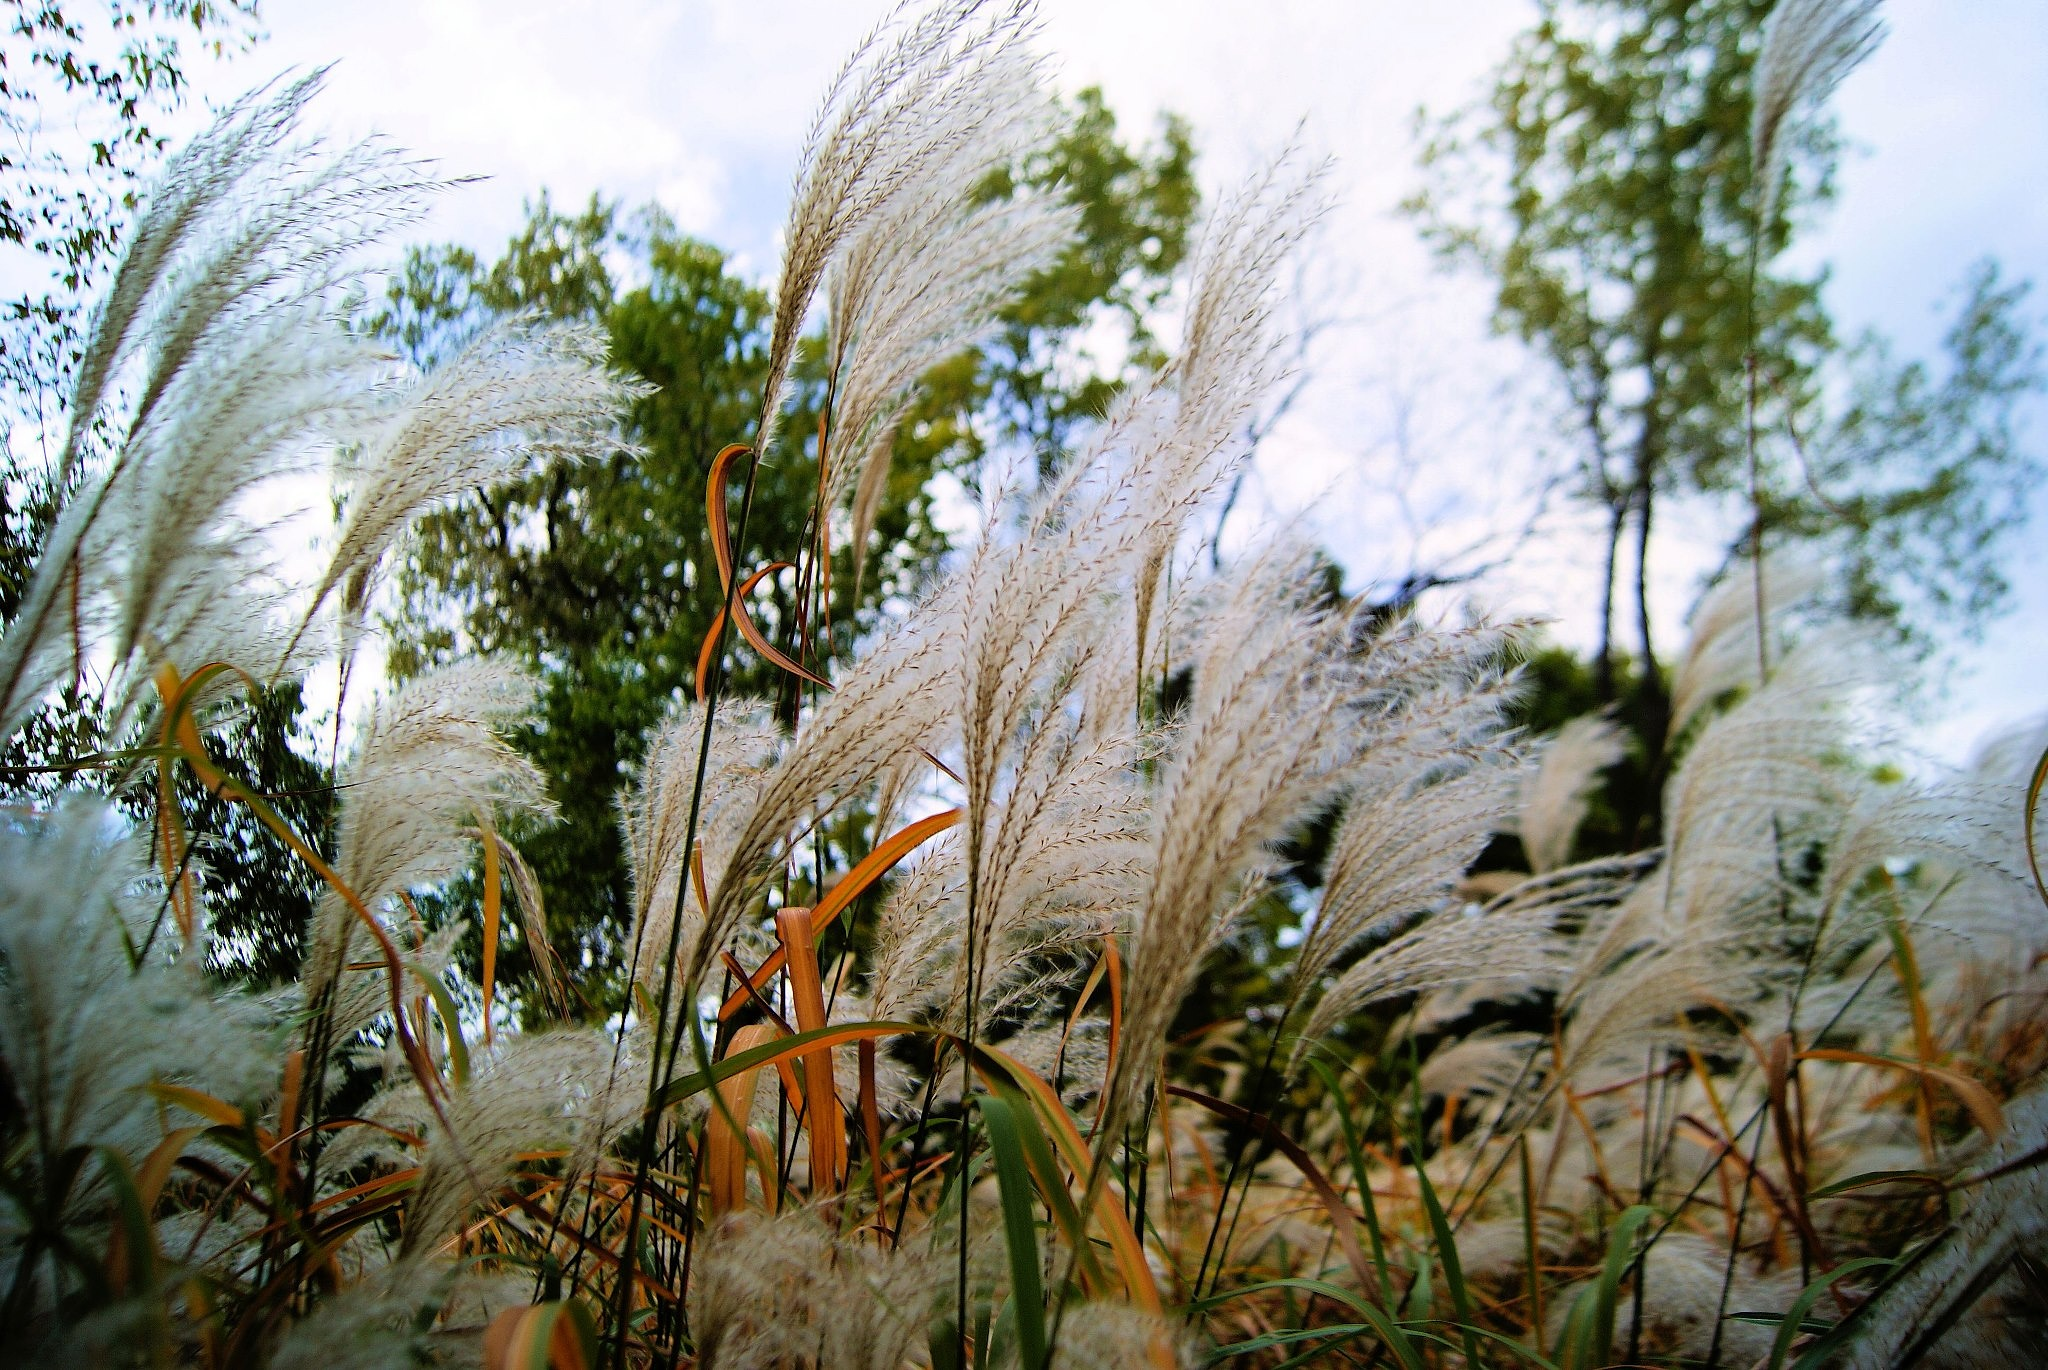 Pompass Grass by Live Truck Cam Prariedog